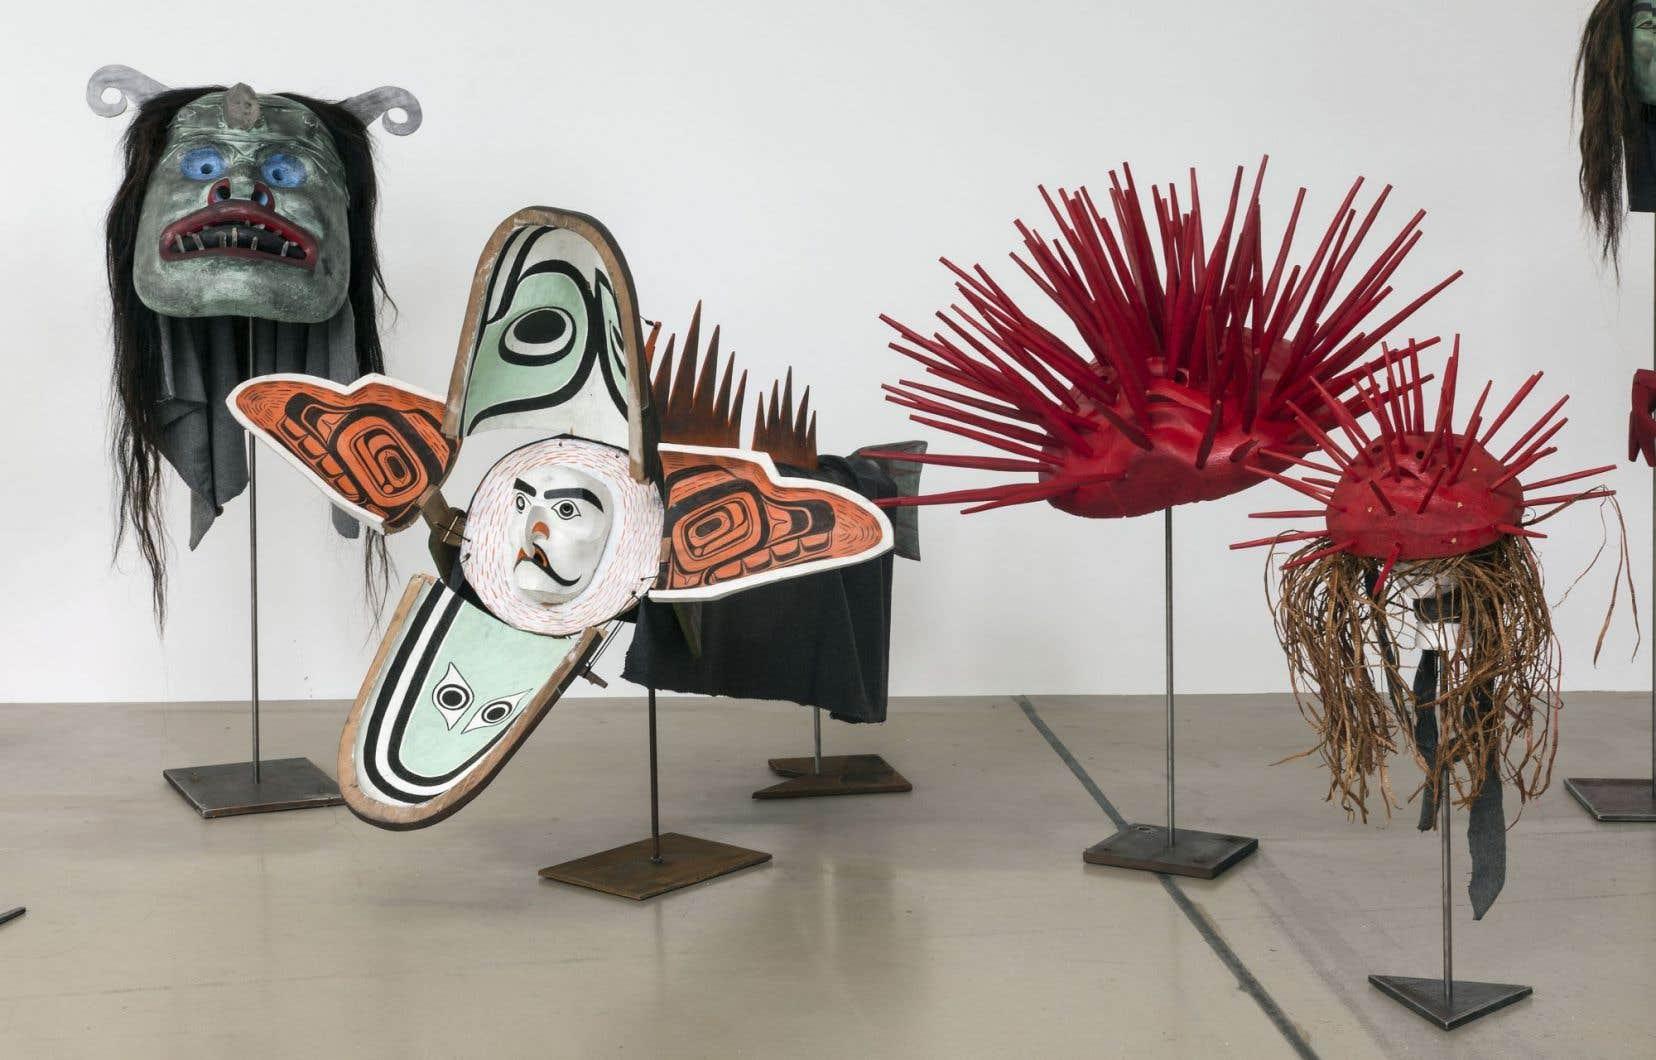 Vue de l'installation de Beau Dick, artiste et chef héréditaire de la Première Nation Namgis, en Colombie-Britannique